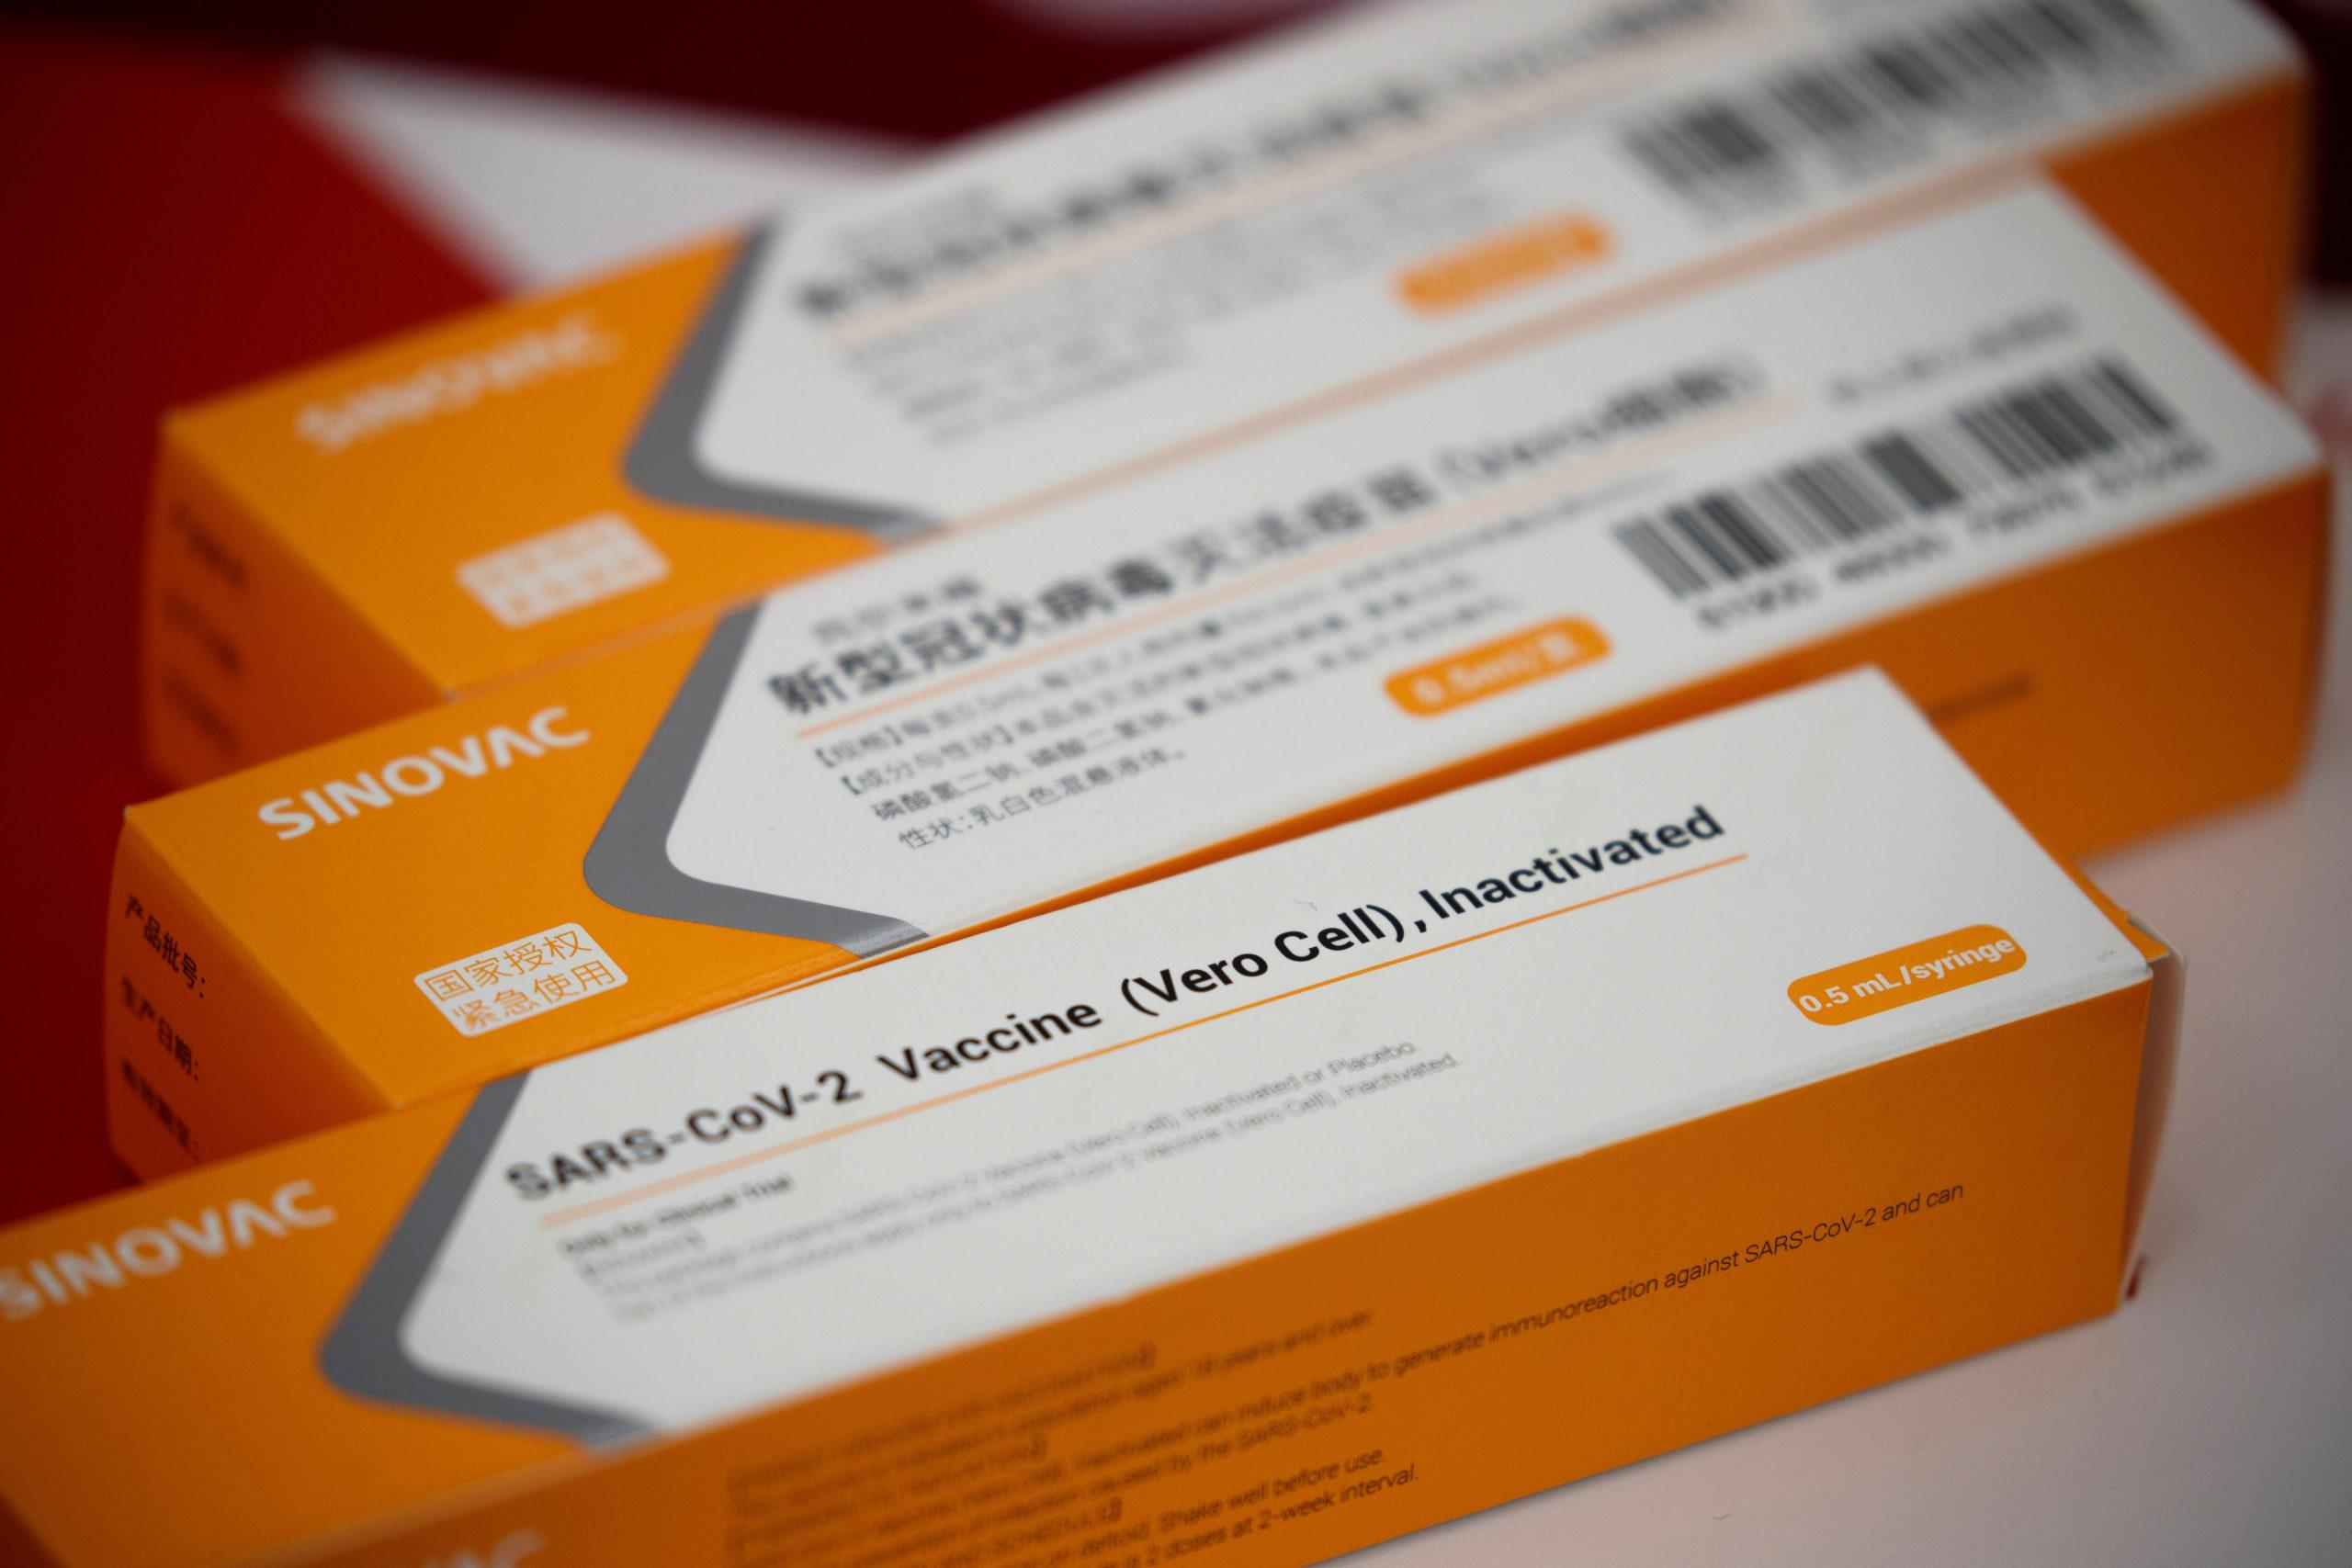 Caixas com vacinas experimentais contra Covid-19 da Sinovac. Crédito: REUTERS/Thomas Peter / via Agência Brasil